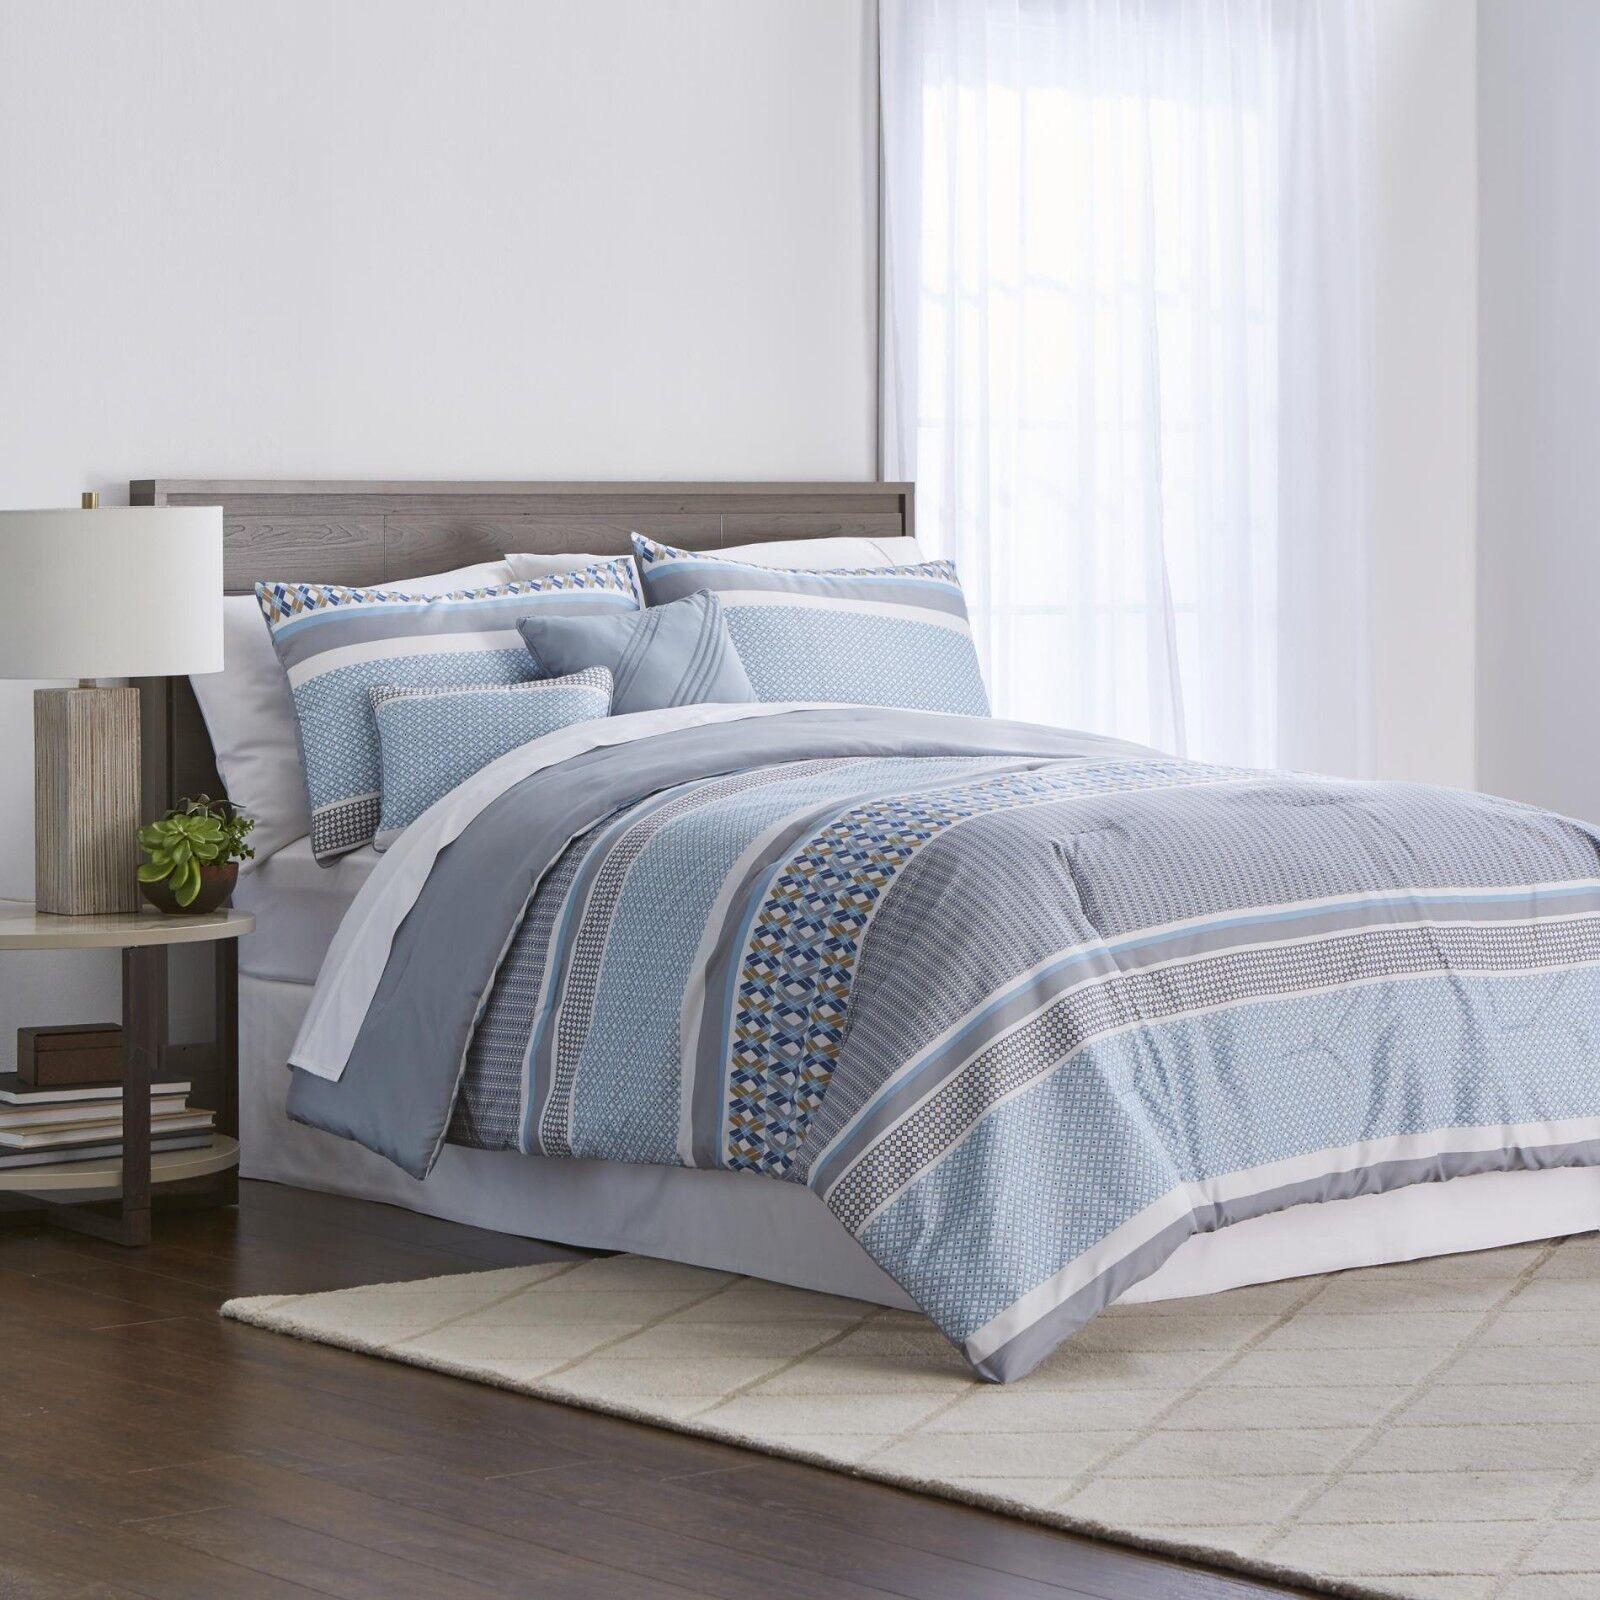 Farbemate Maricus Blau 5-Piece Comforter Set - Full Queen, King